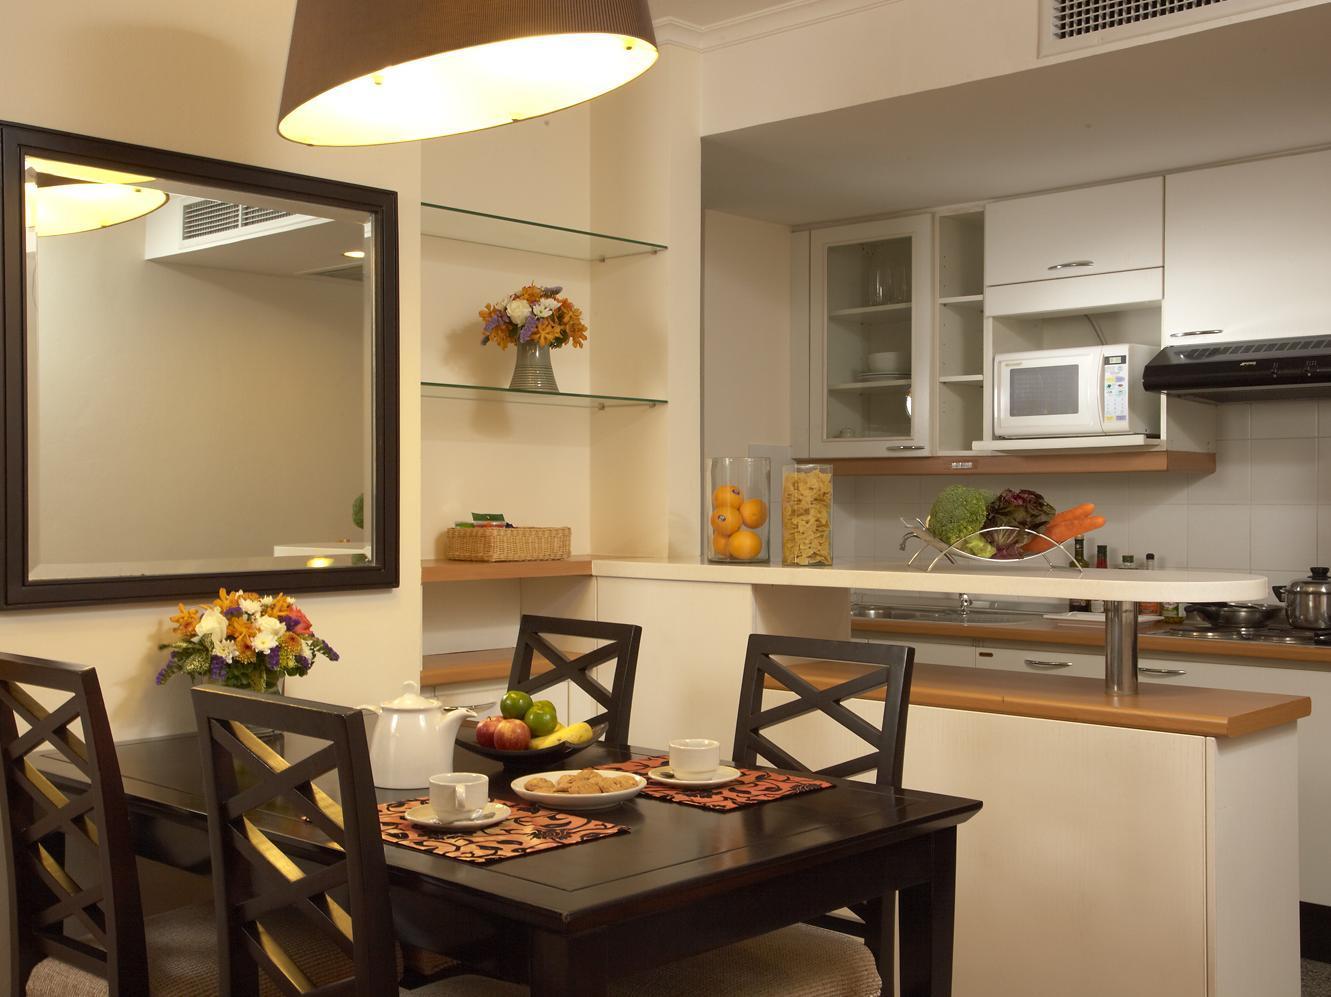 Как оформить обеденную зону в кухне